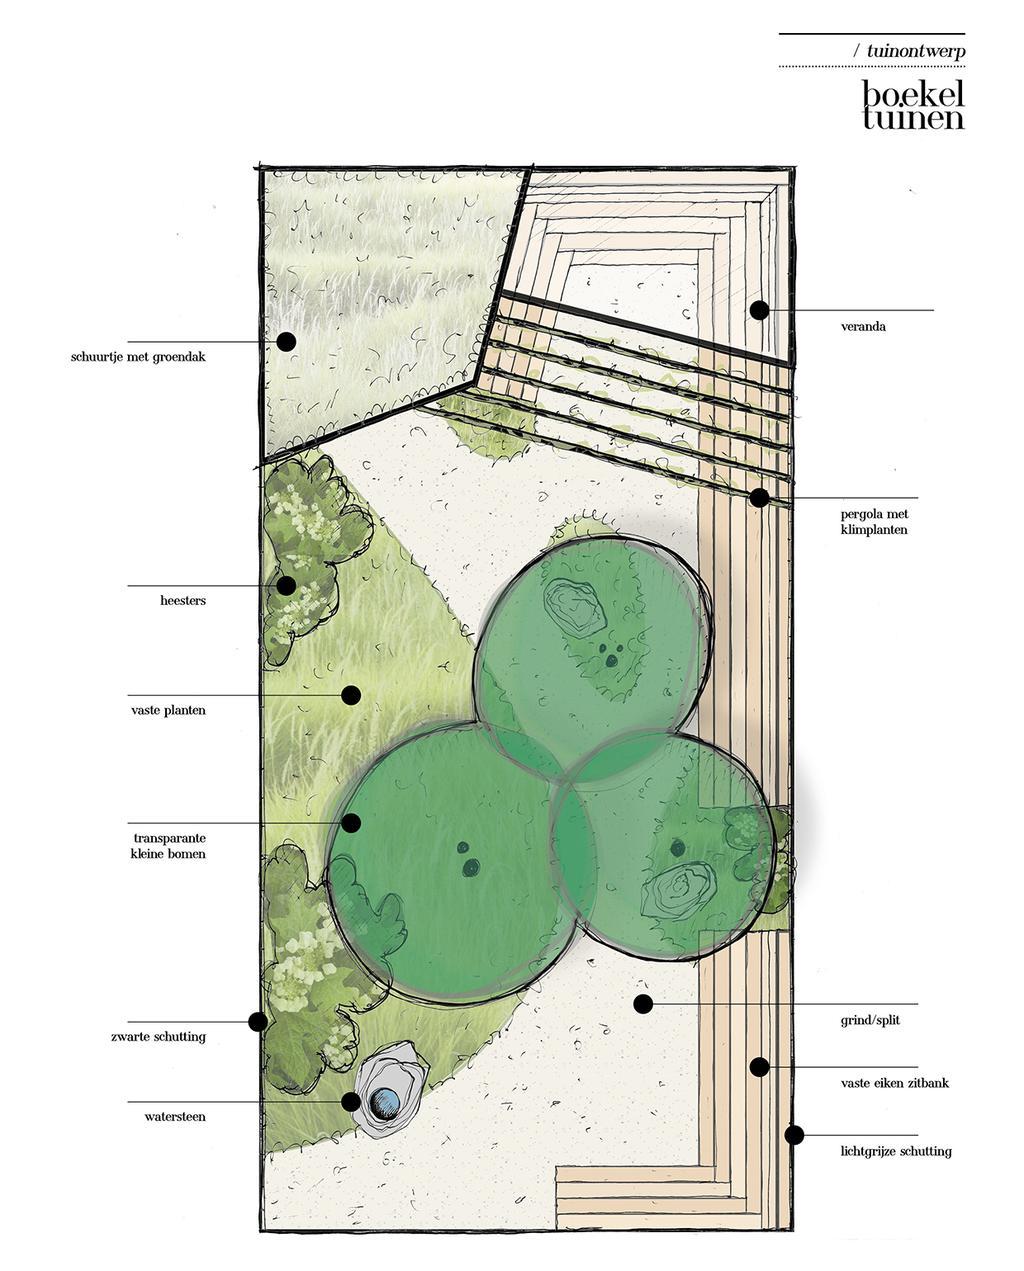 vtwonen tuin special 1 | tuinontwerp Arjan Boekel